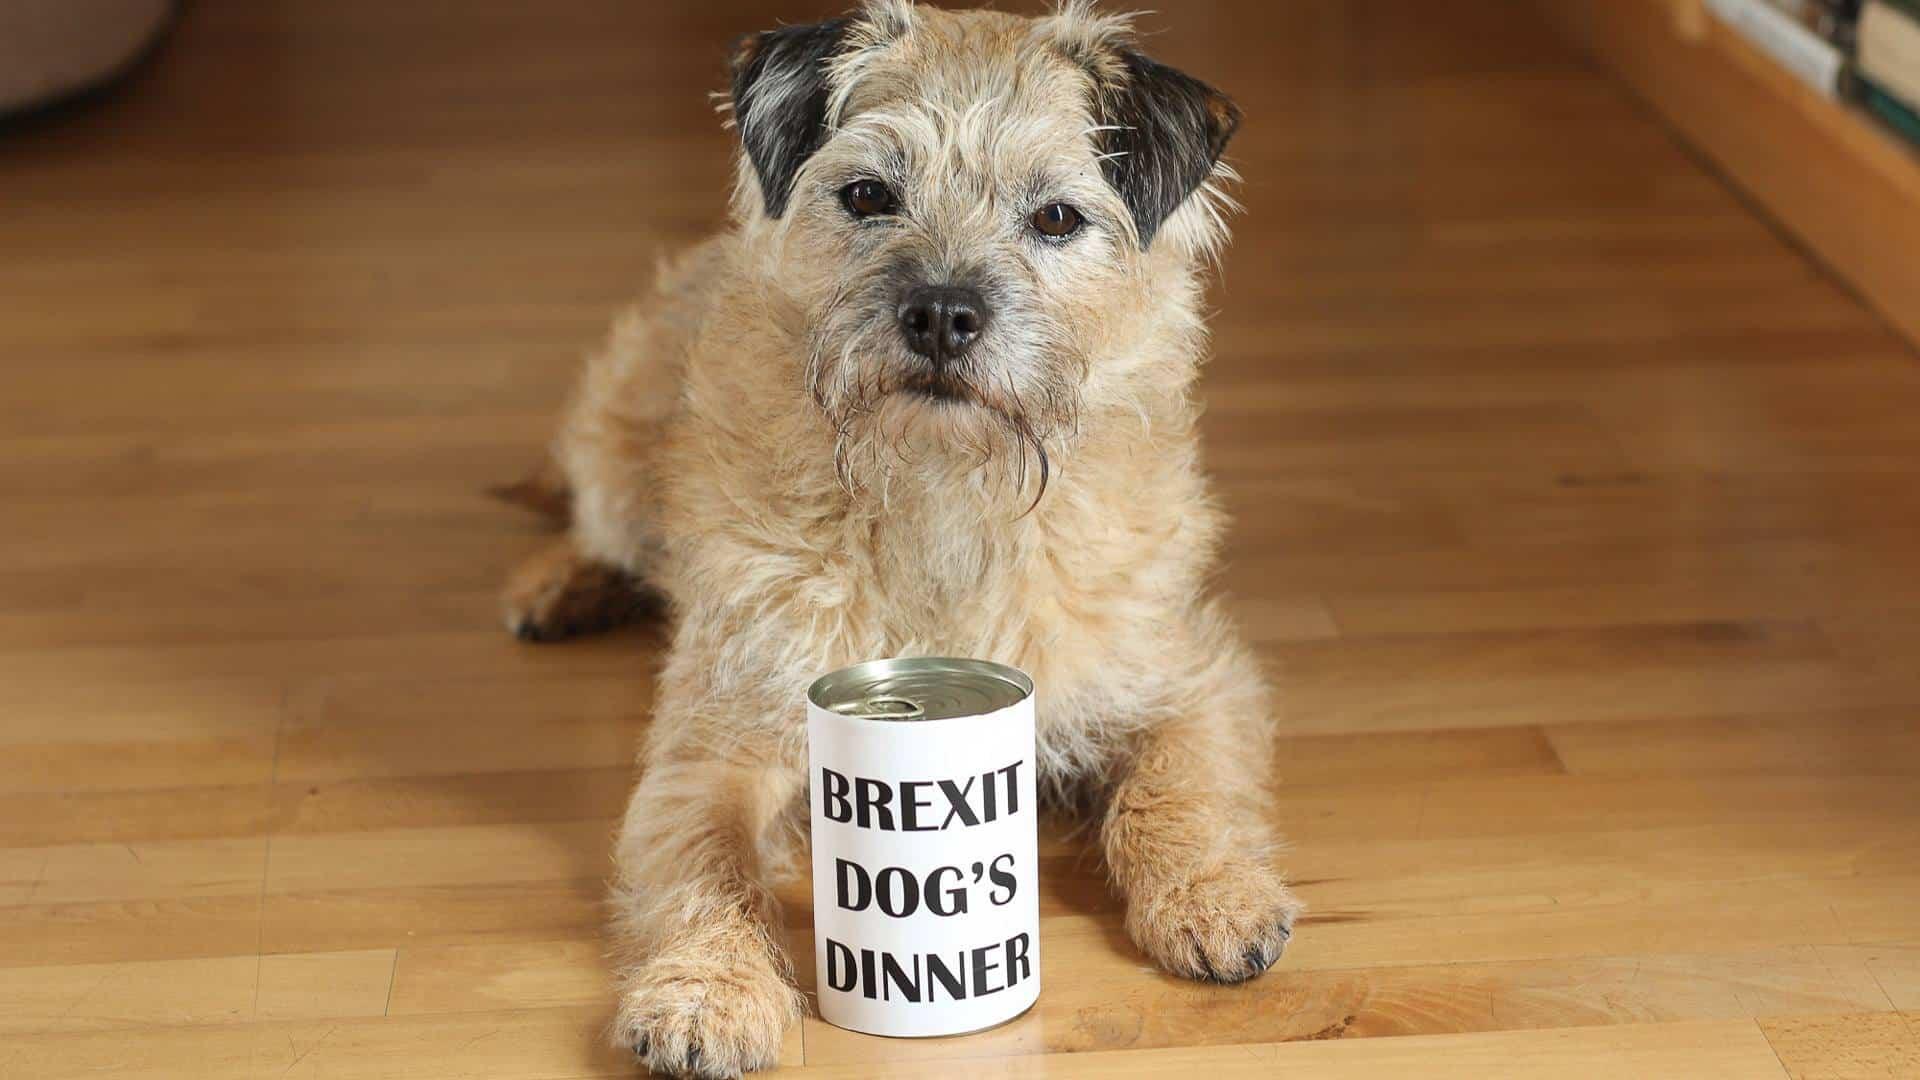 Brexit Dog's Dinner